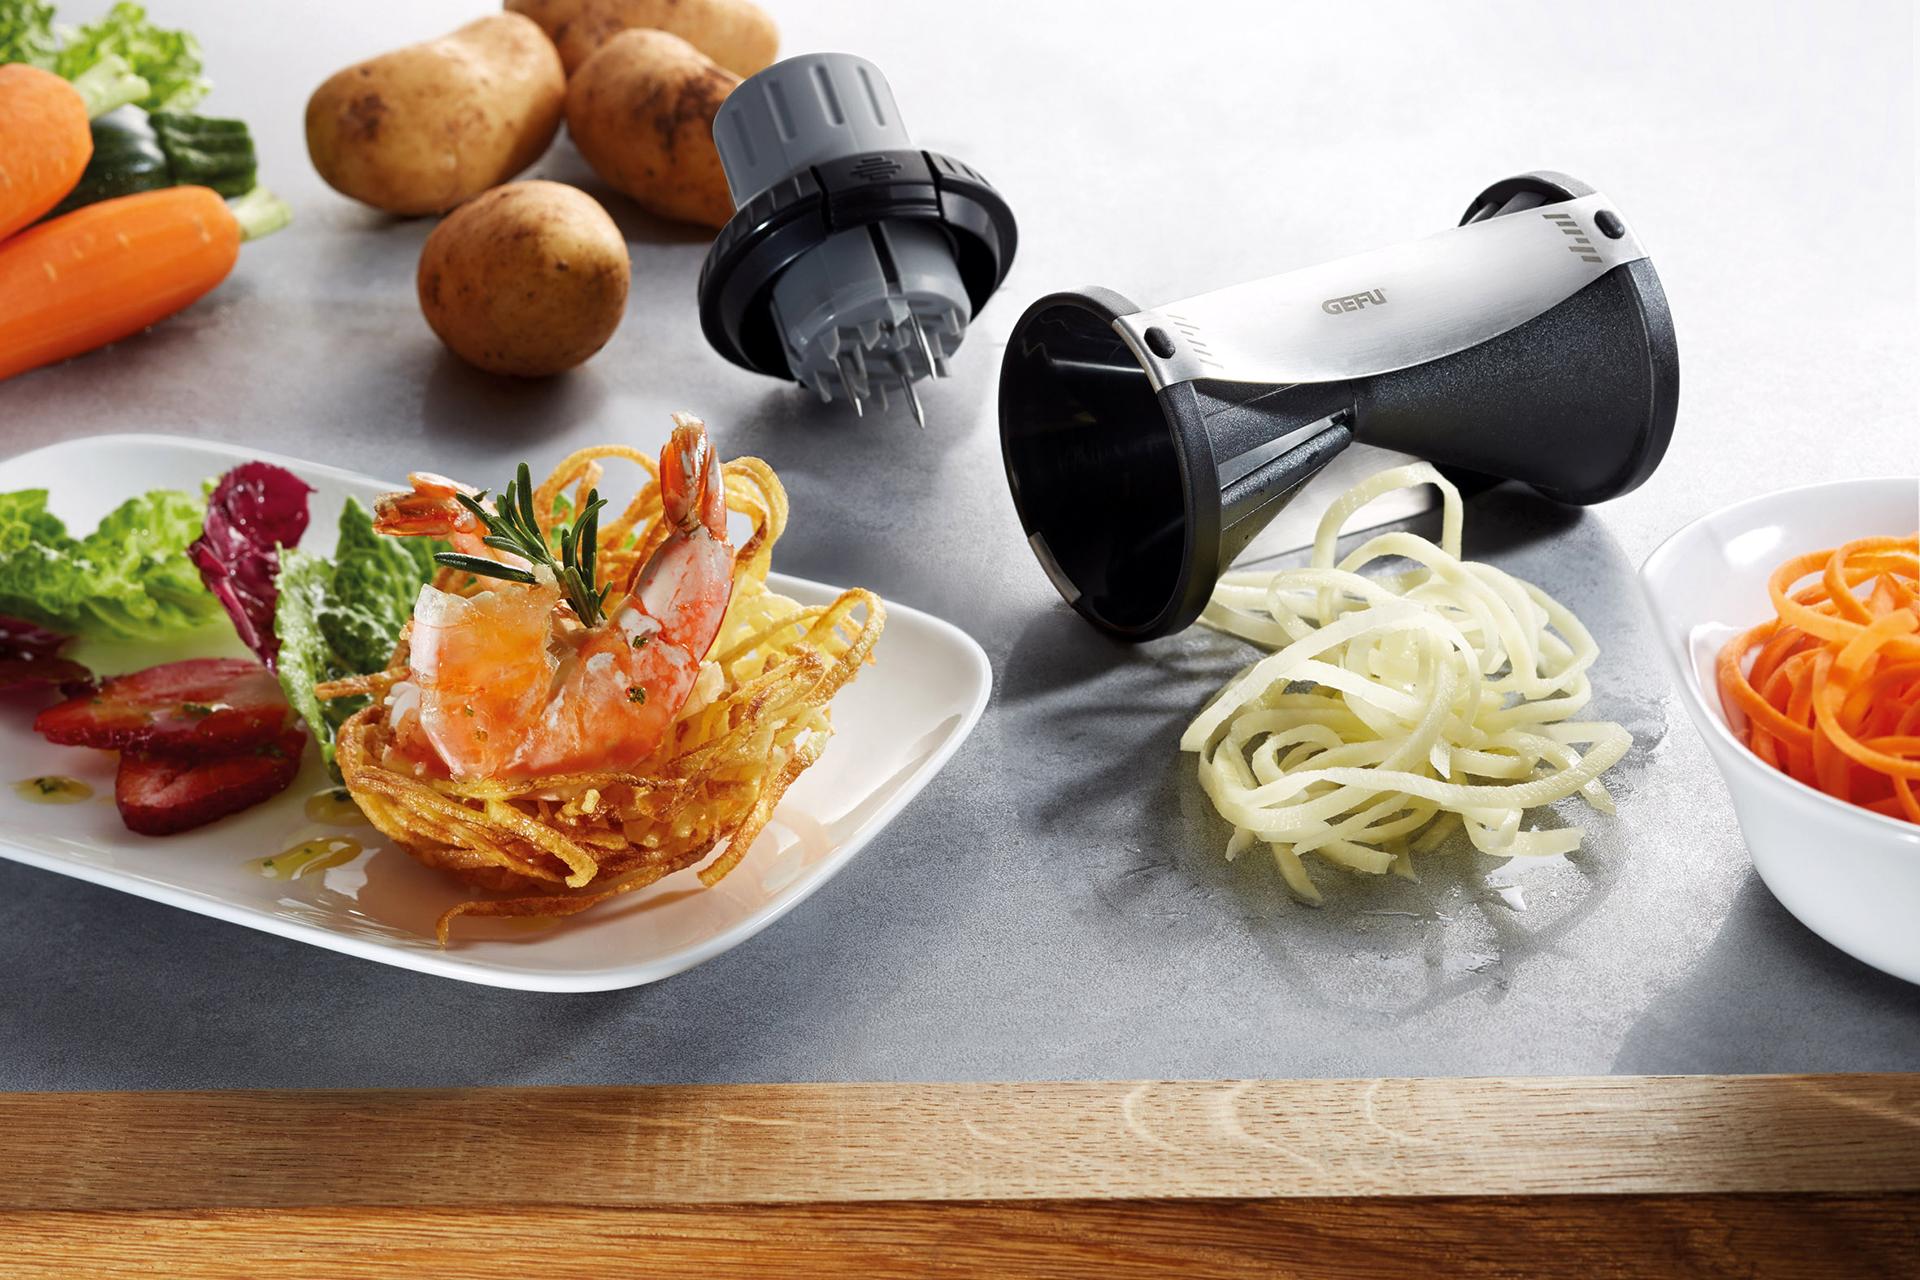 Der SPIRELLI 2.0 schont dank seines praktischen, einrastenden Gemüsehalters mit nachschiebbarem Stempel deine Fingerkuppen bei der Zubereitung von leckeren Salaten und Co.